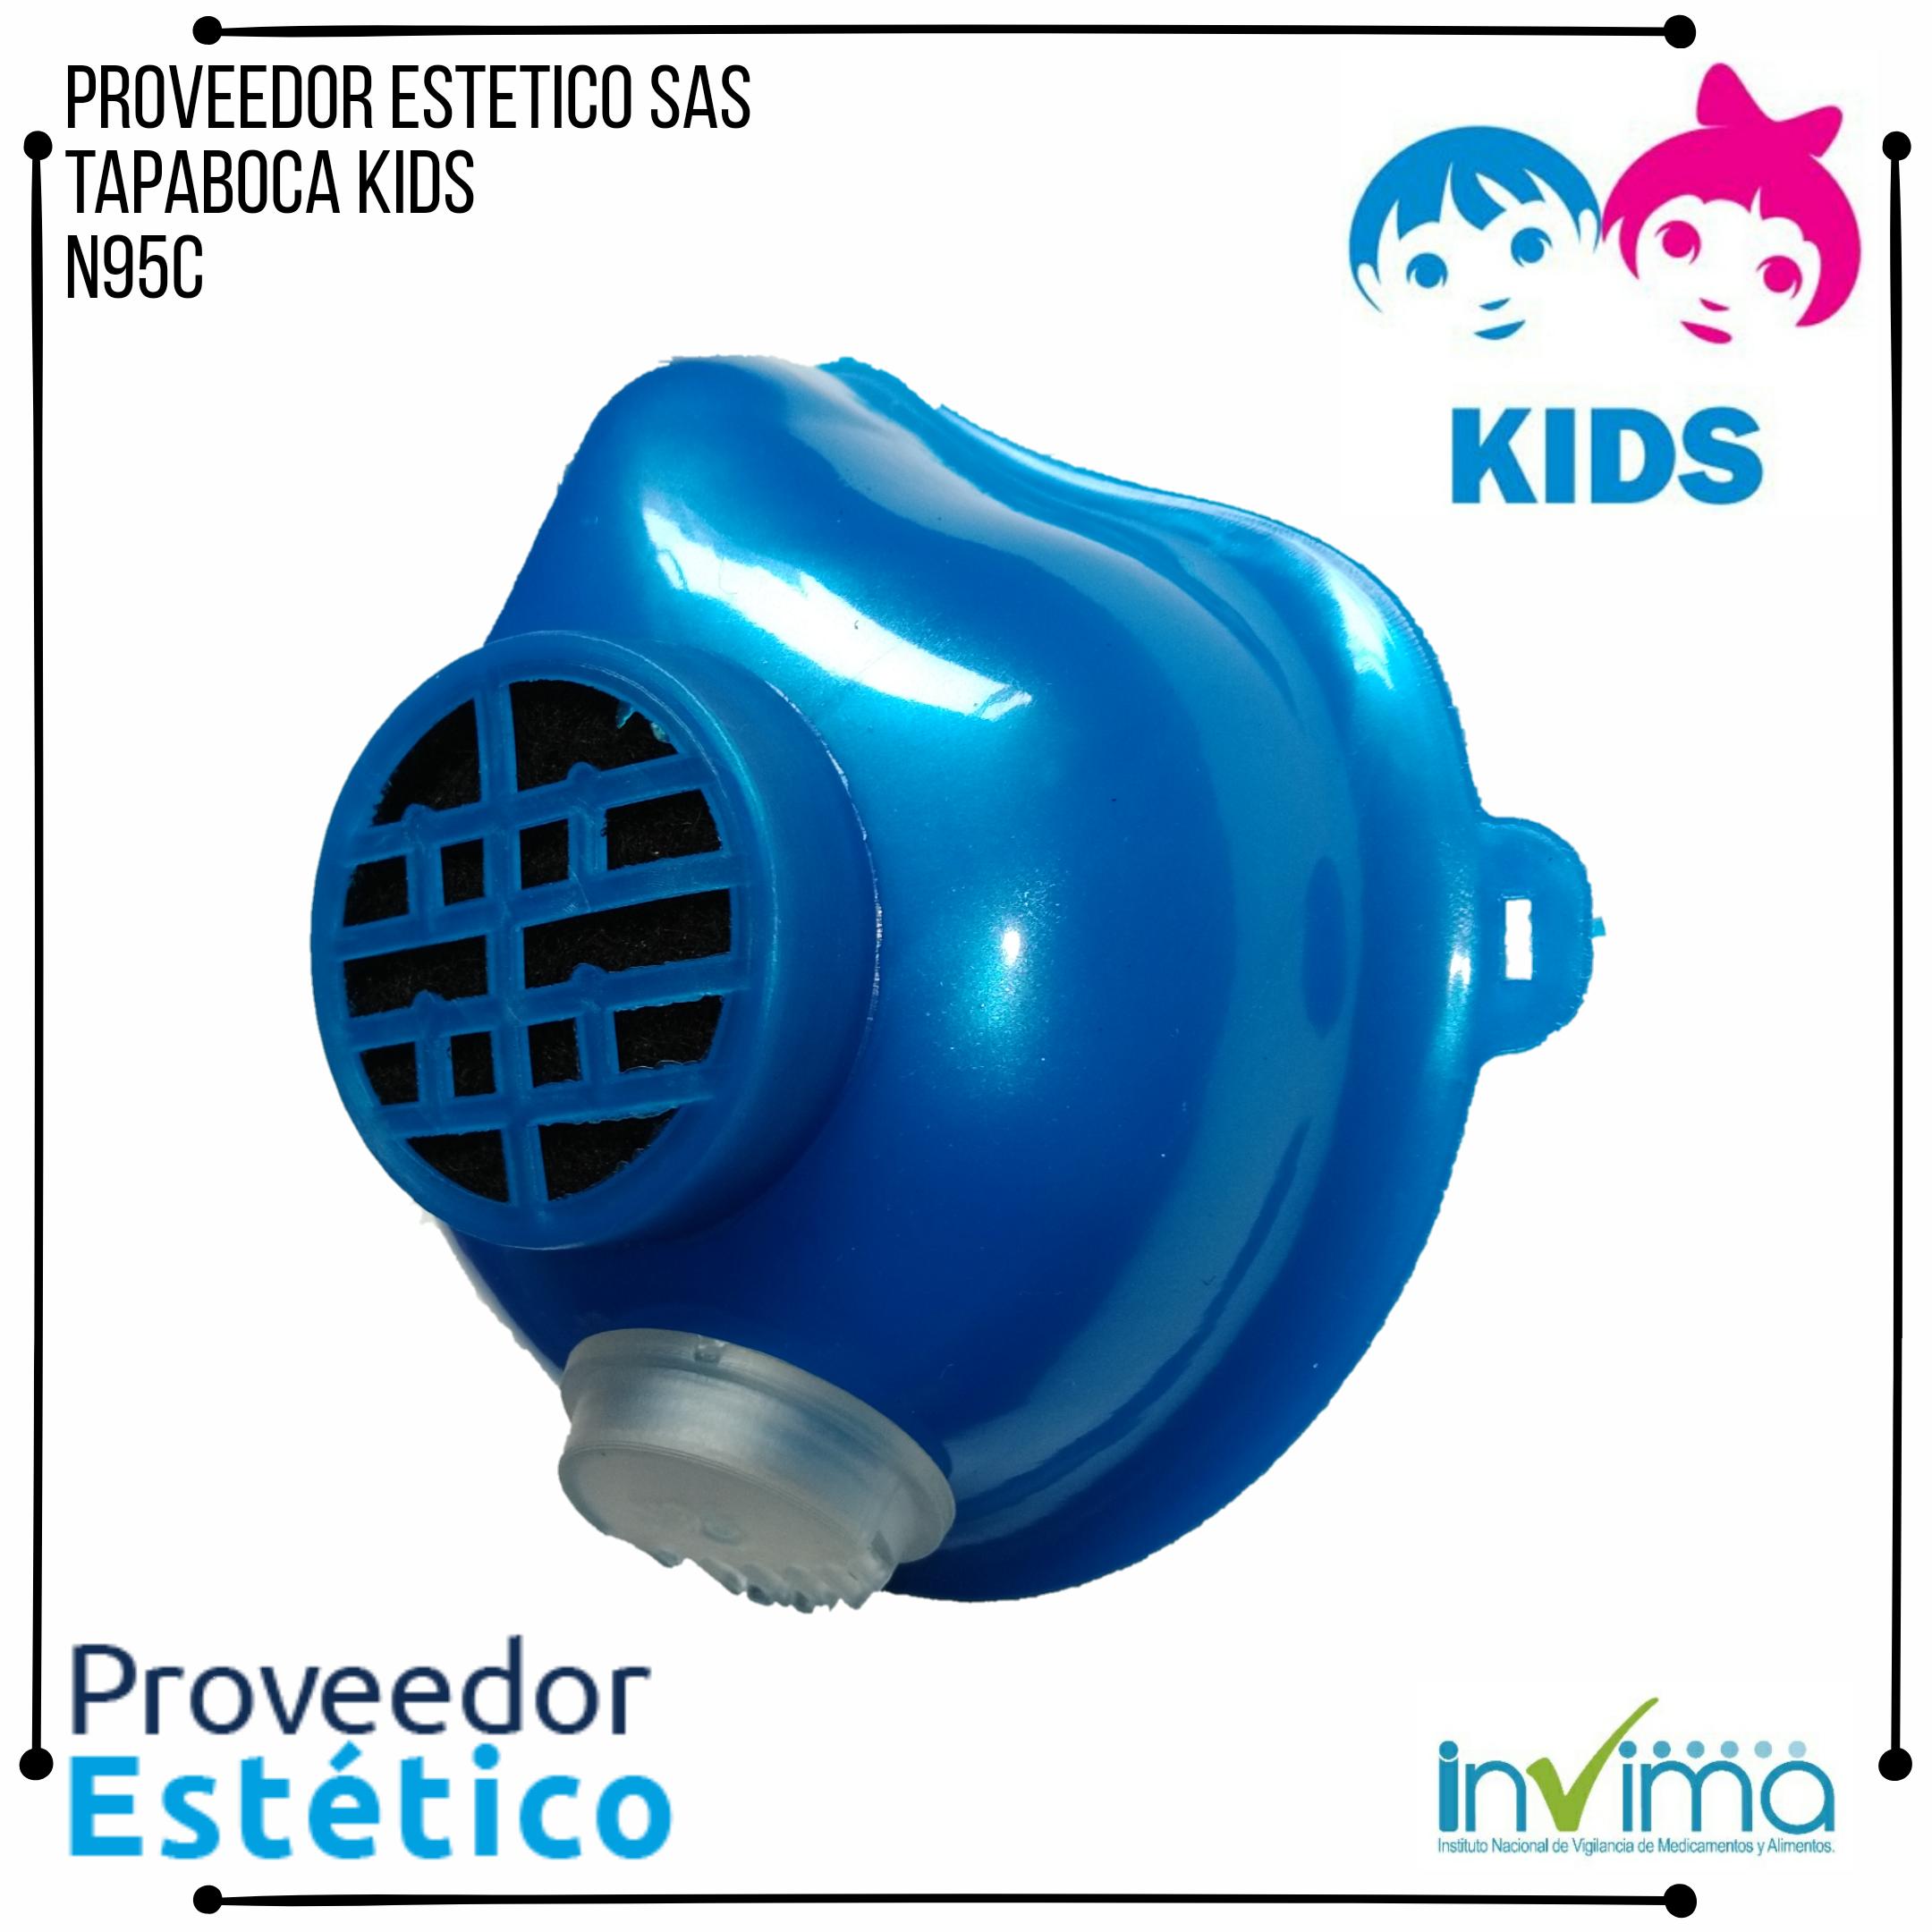 https://0201.nccdn.net/1_2/000/000/0cf/3a7/Tapaboca-N95-Kids_6.png